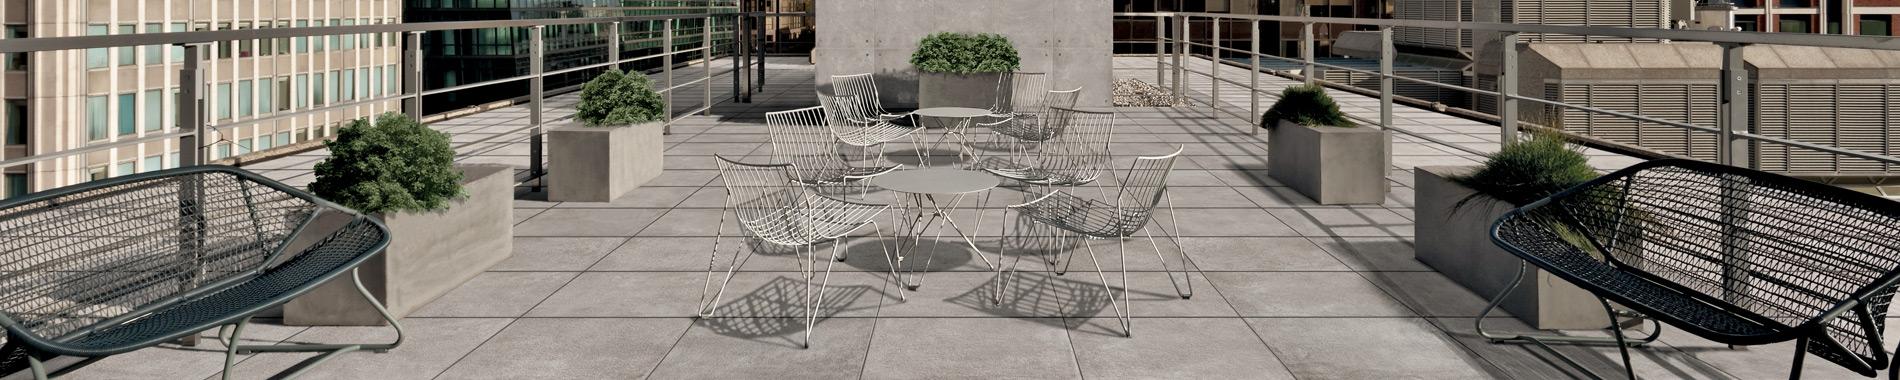 Modena modern porcelain tiles